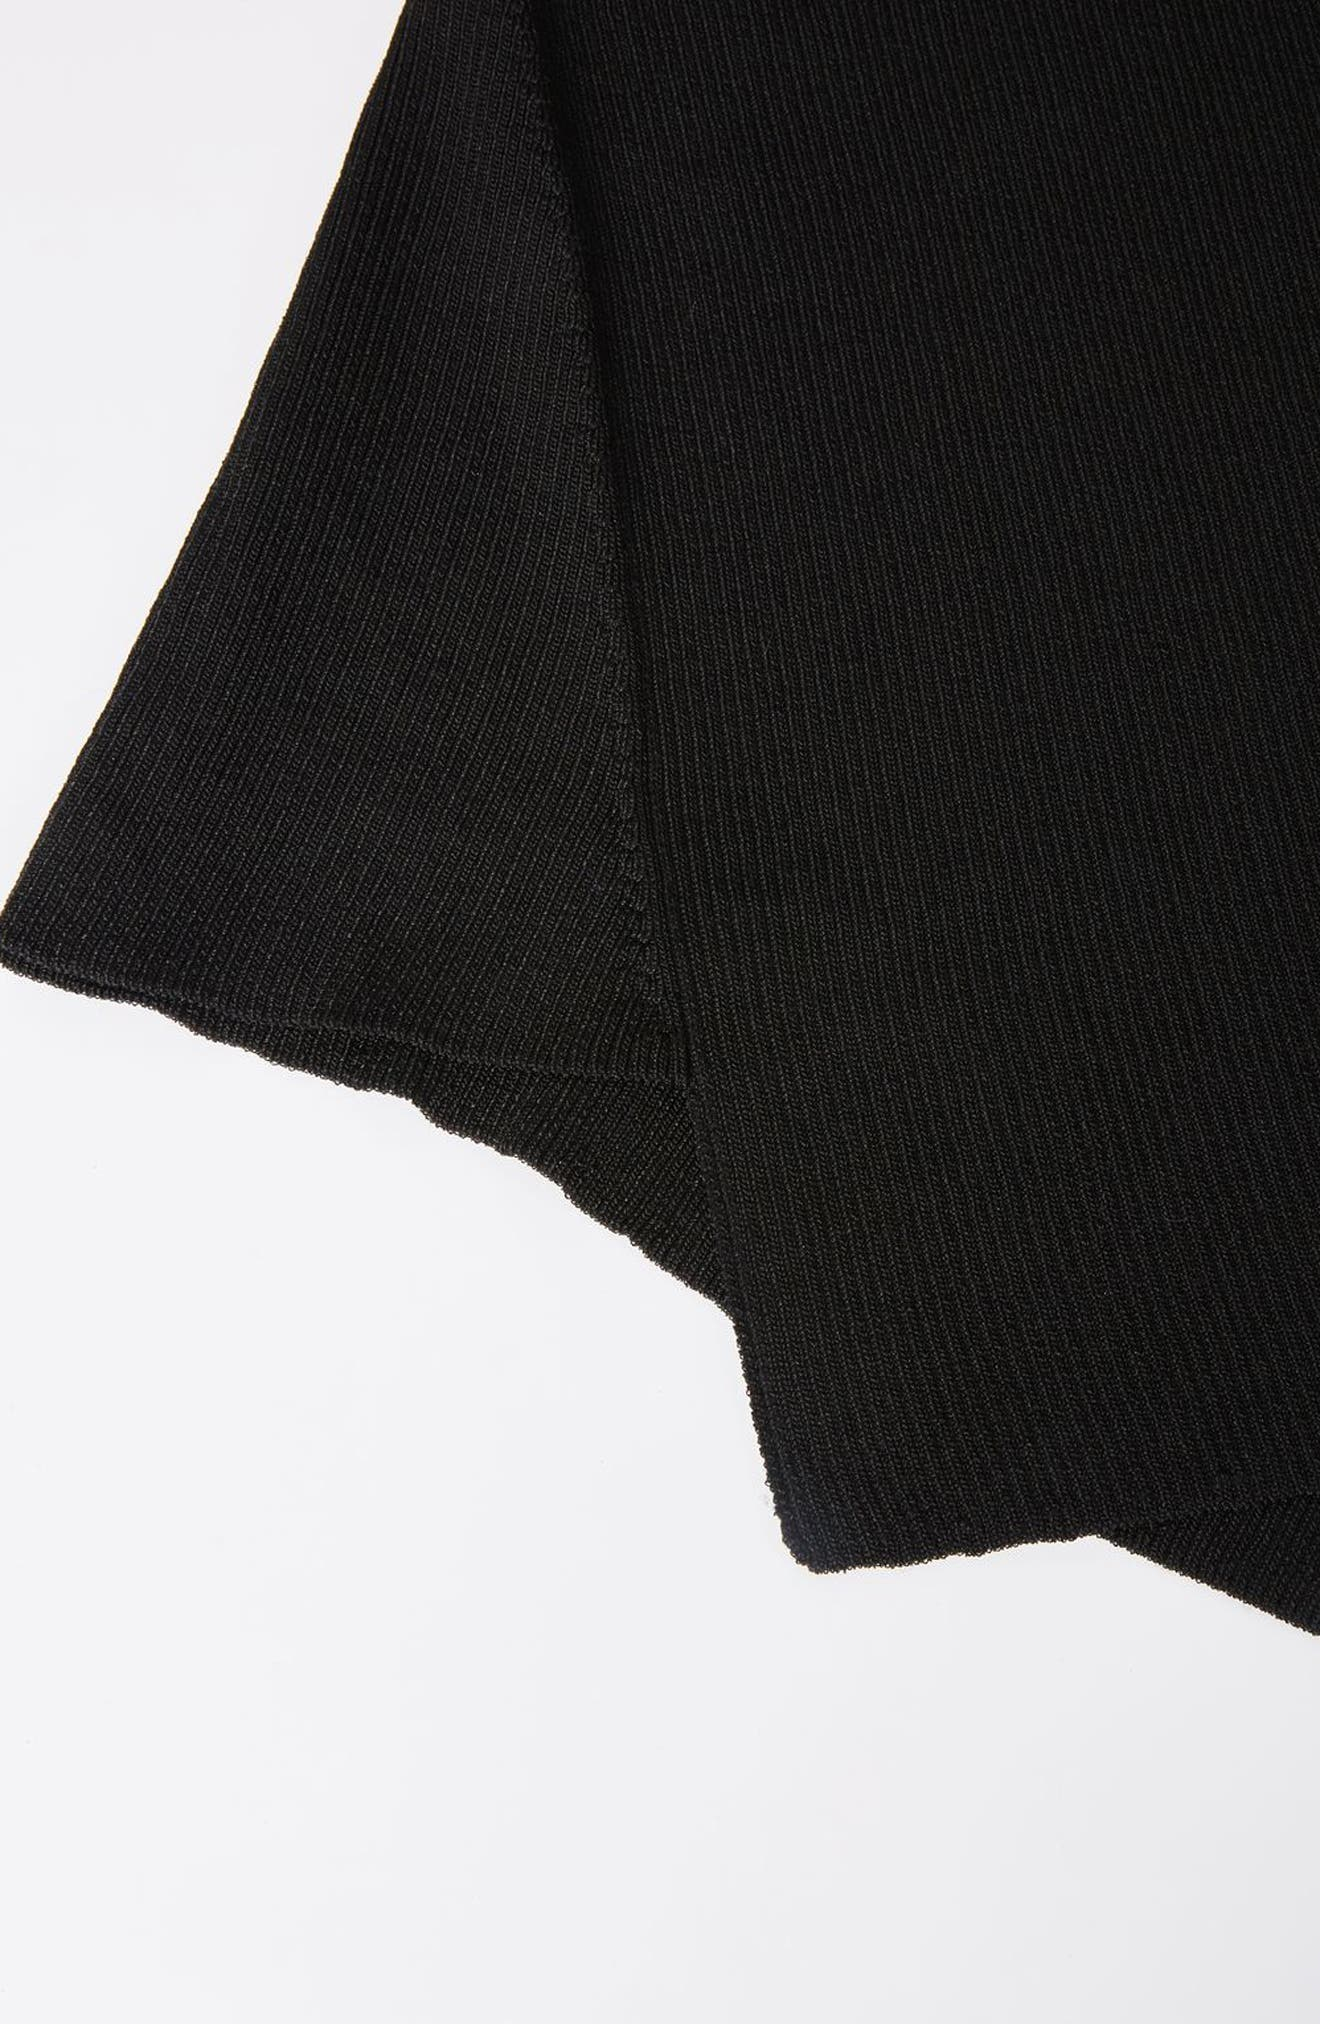 Alternate Image 2  - Topshop Boutique Slash Neck Asymmetrical Top